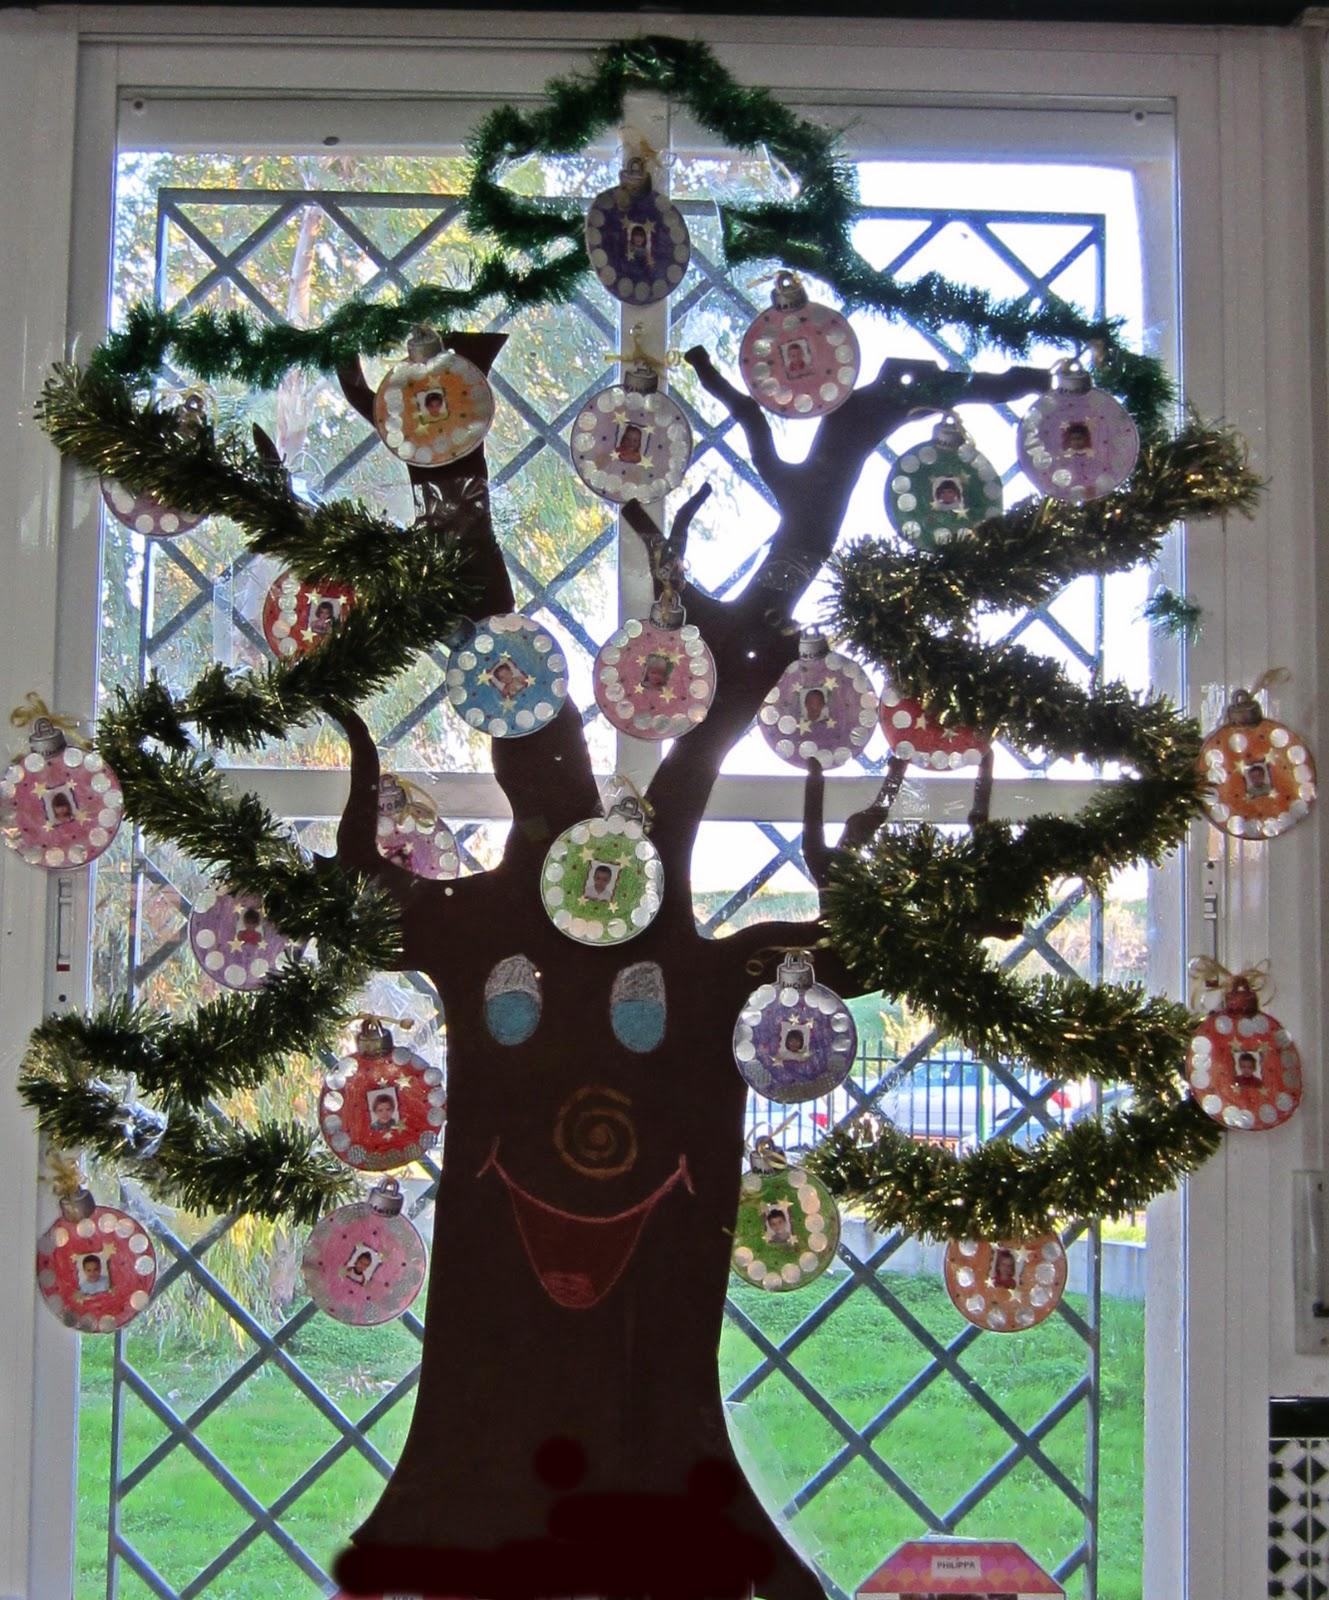 Nuestro rbol de navidad pinceladas - Arbol de navidad sencillo ...